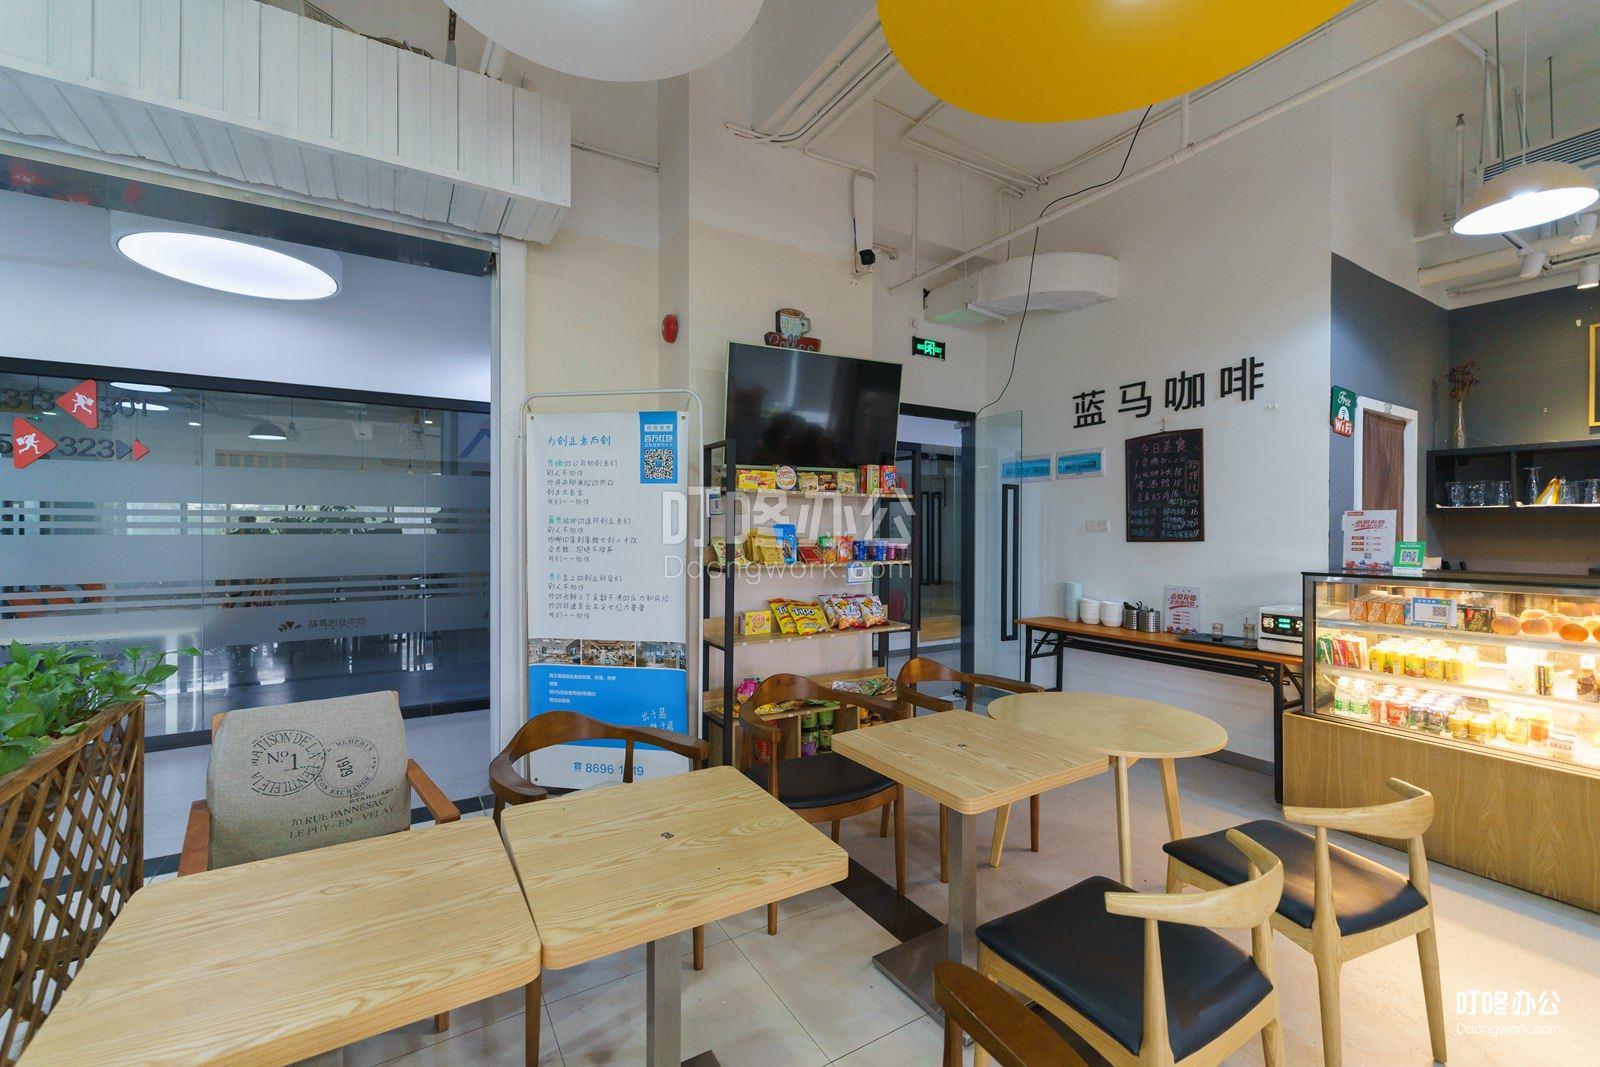 蓝马创业 · 蓝马智造园站公共区域